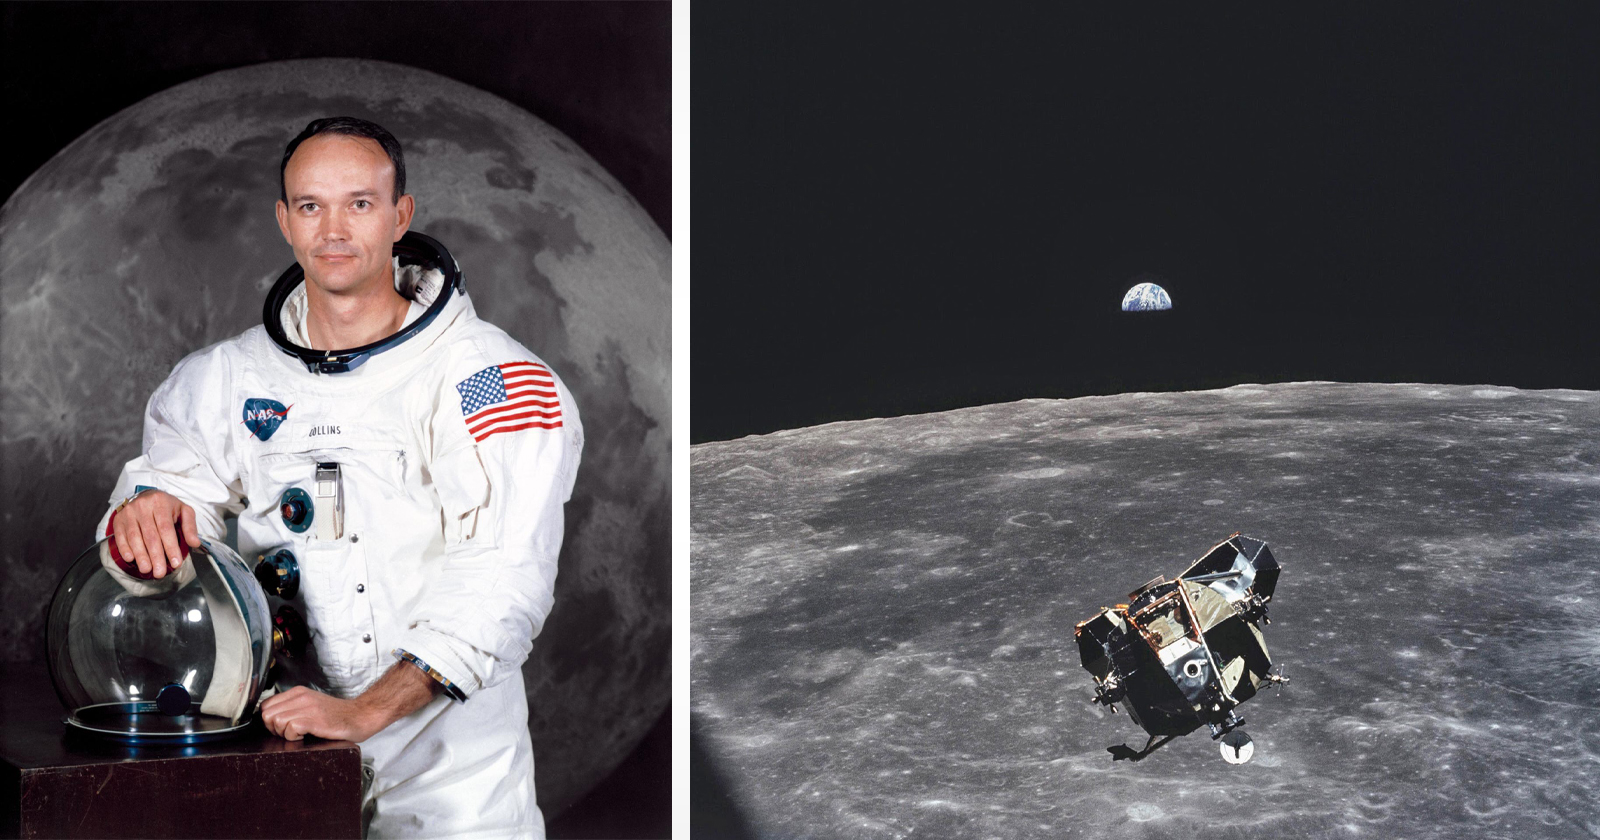 L'astronauta della NASA che ha catturato tutta l'umanità in una singola foto è morto